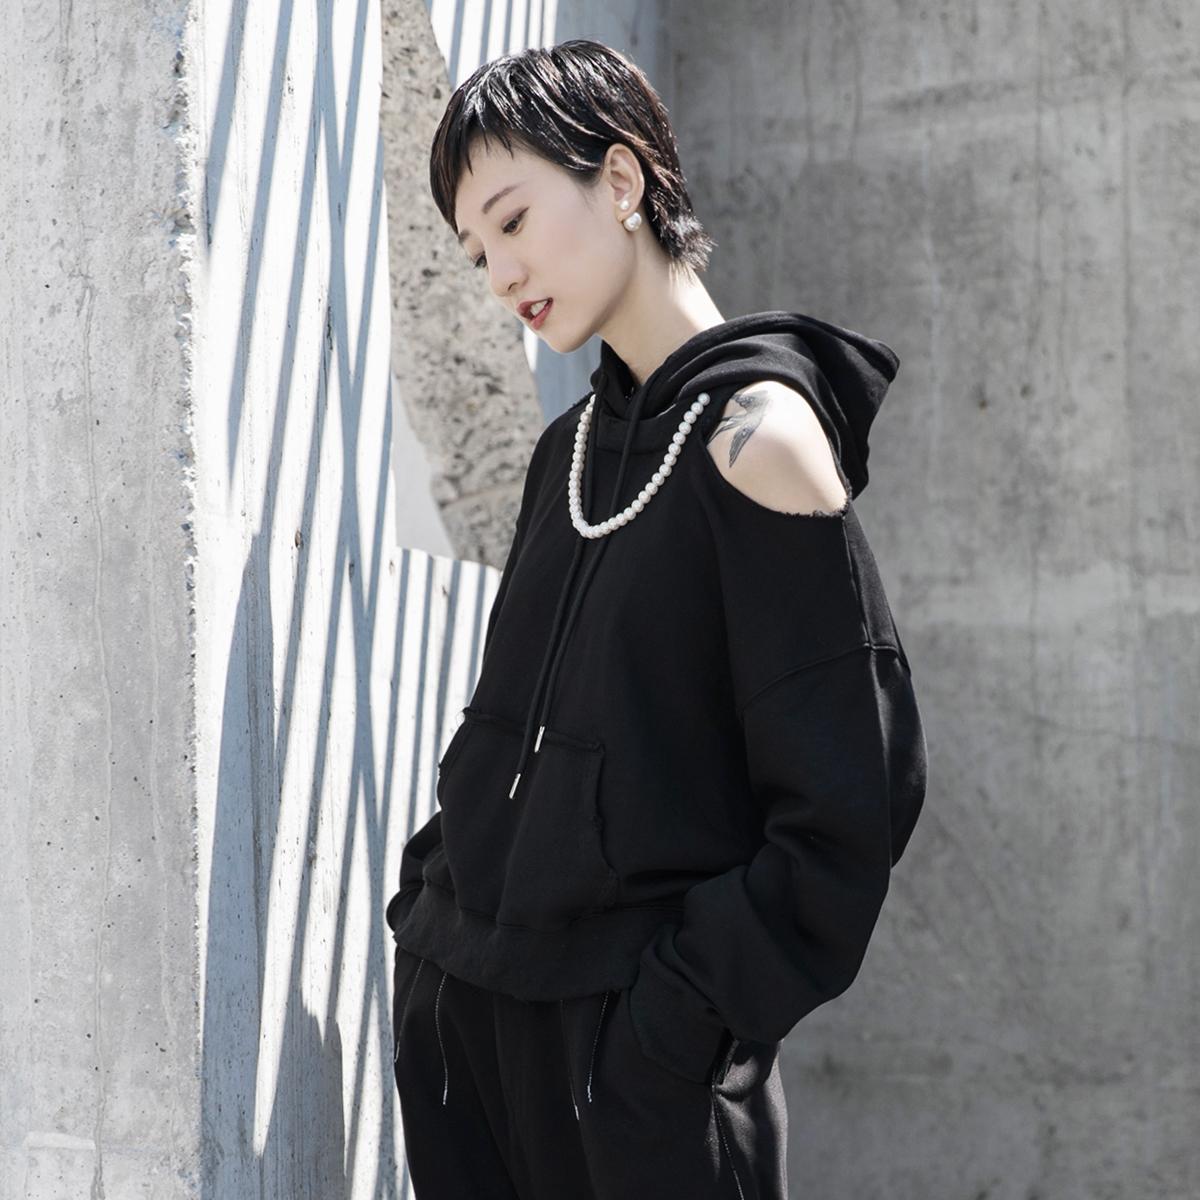 卫衣 SIMPLE BLACK 2021春装设计师款珍珠项链装饰破洞露肩休闲卫衣女_推荐淘宝好看的女卫衣